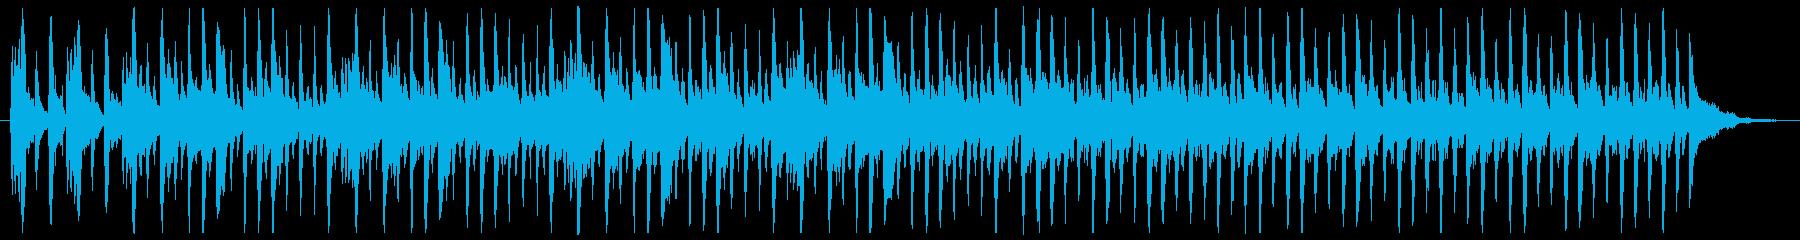 コメディコミック音楽の再生済みの波形